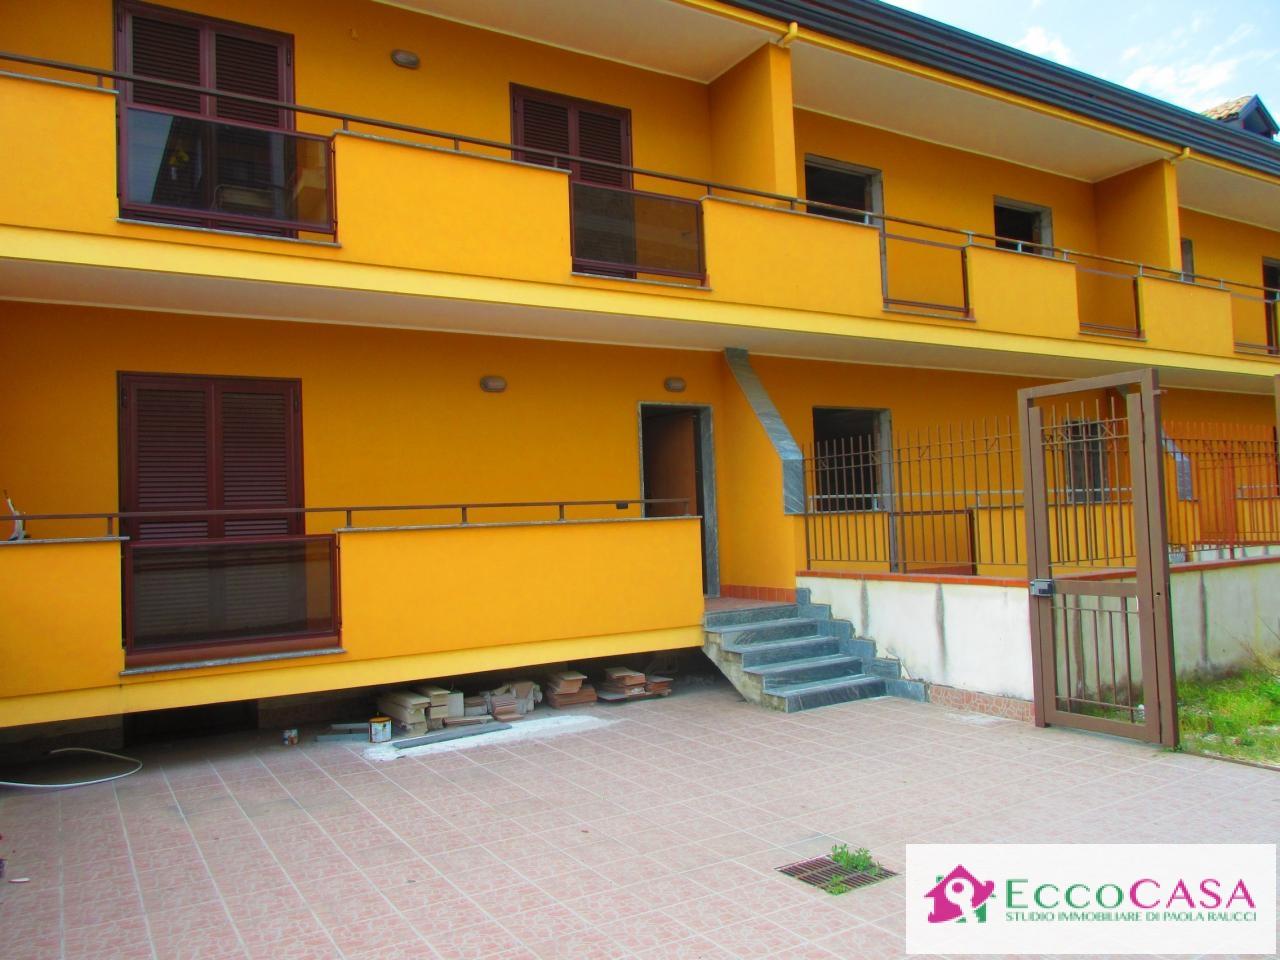 Villa in vendita a Maddaloni, 4 locali, prezzo € 235.000 | Cambio Casa.it